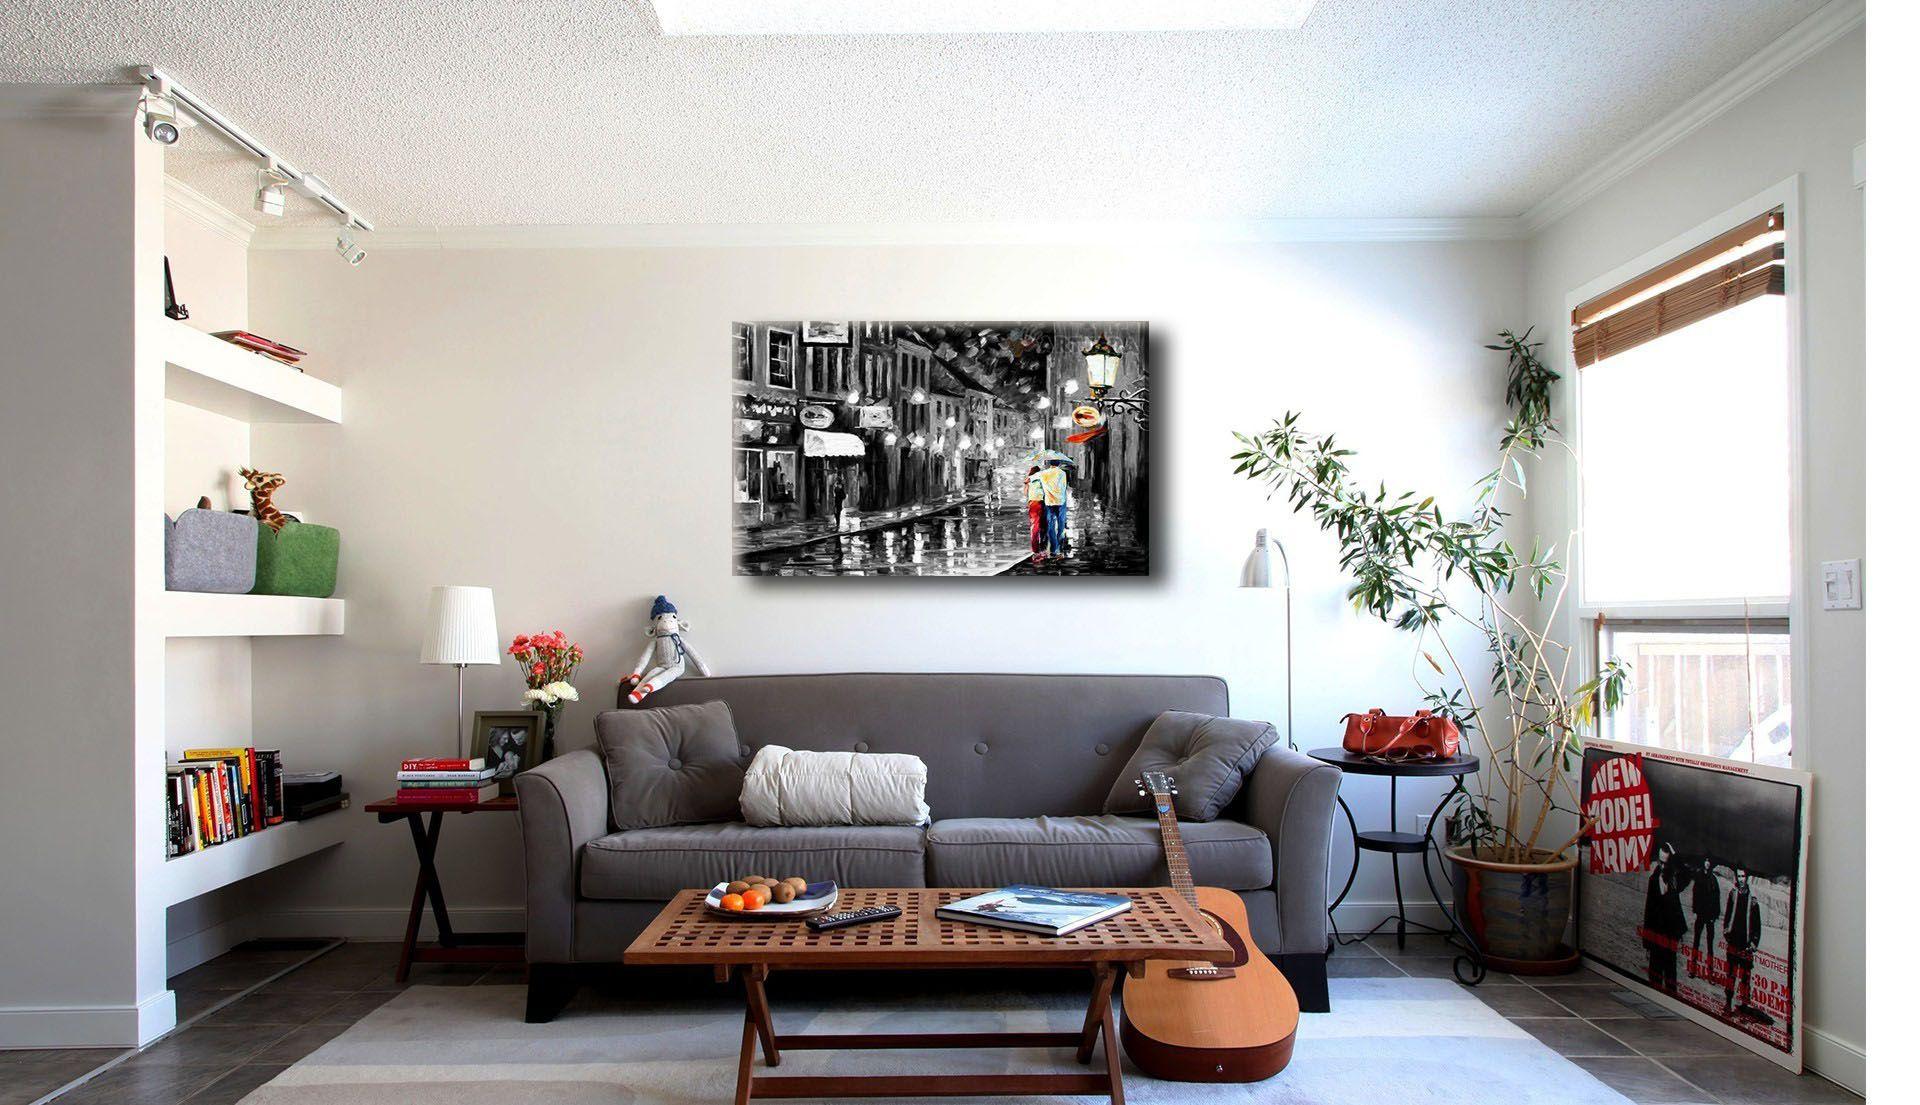 декор мастеркласс интерьер дизайн оформление картины советы дом